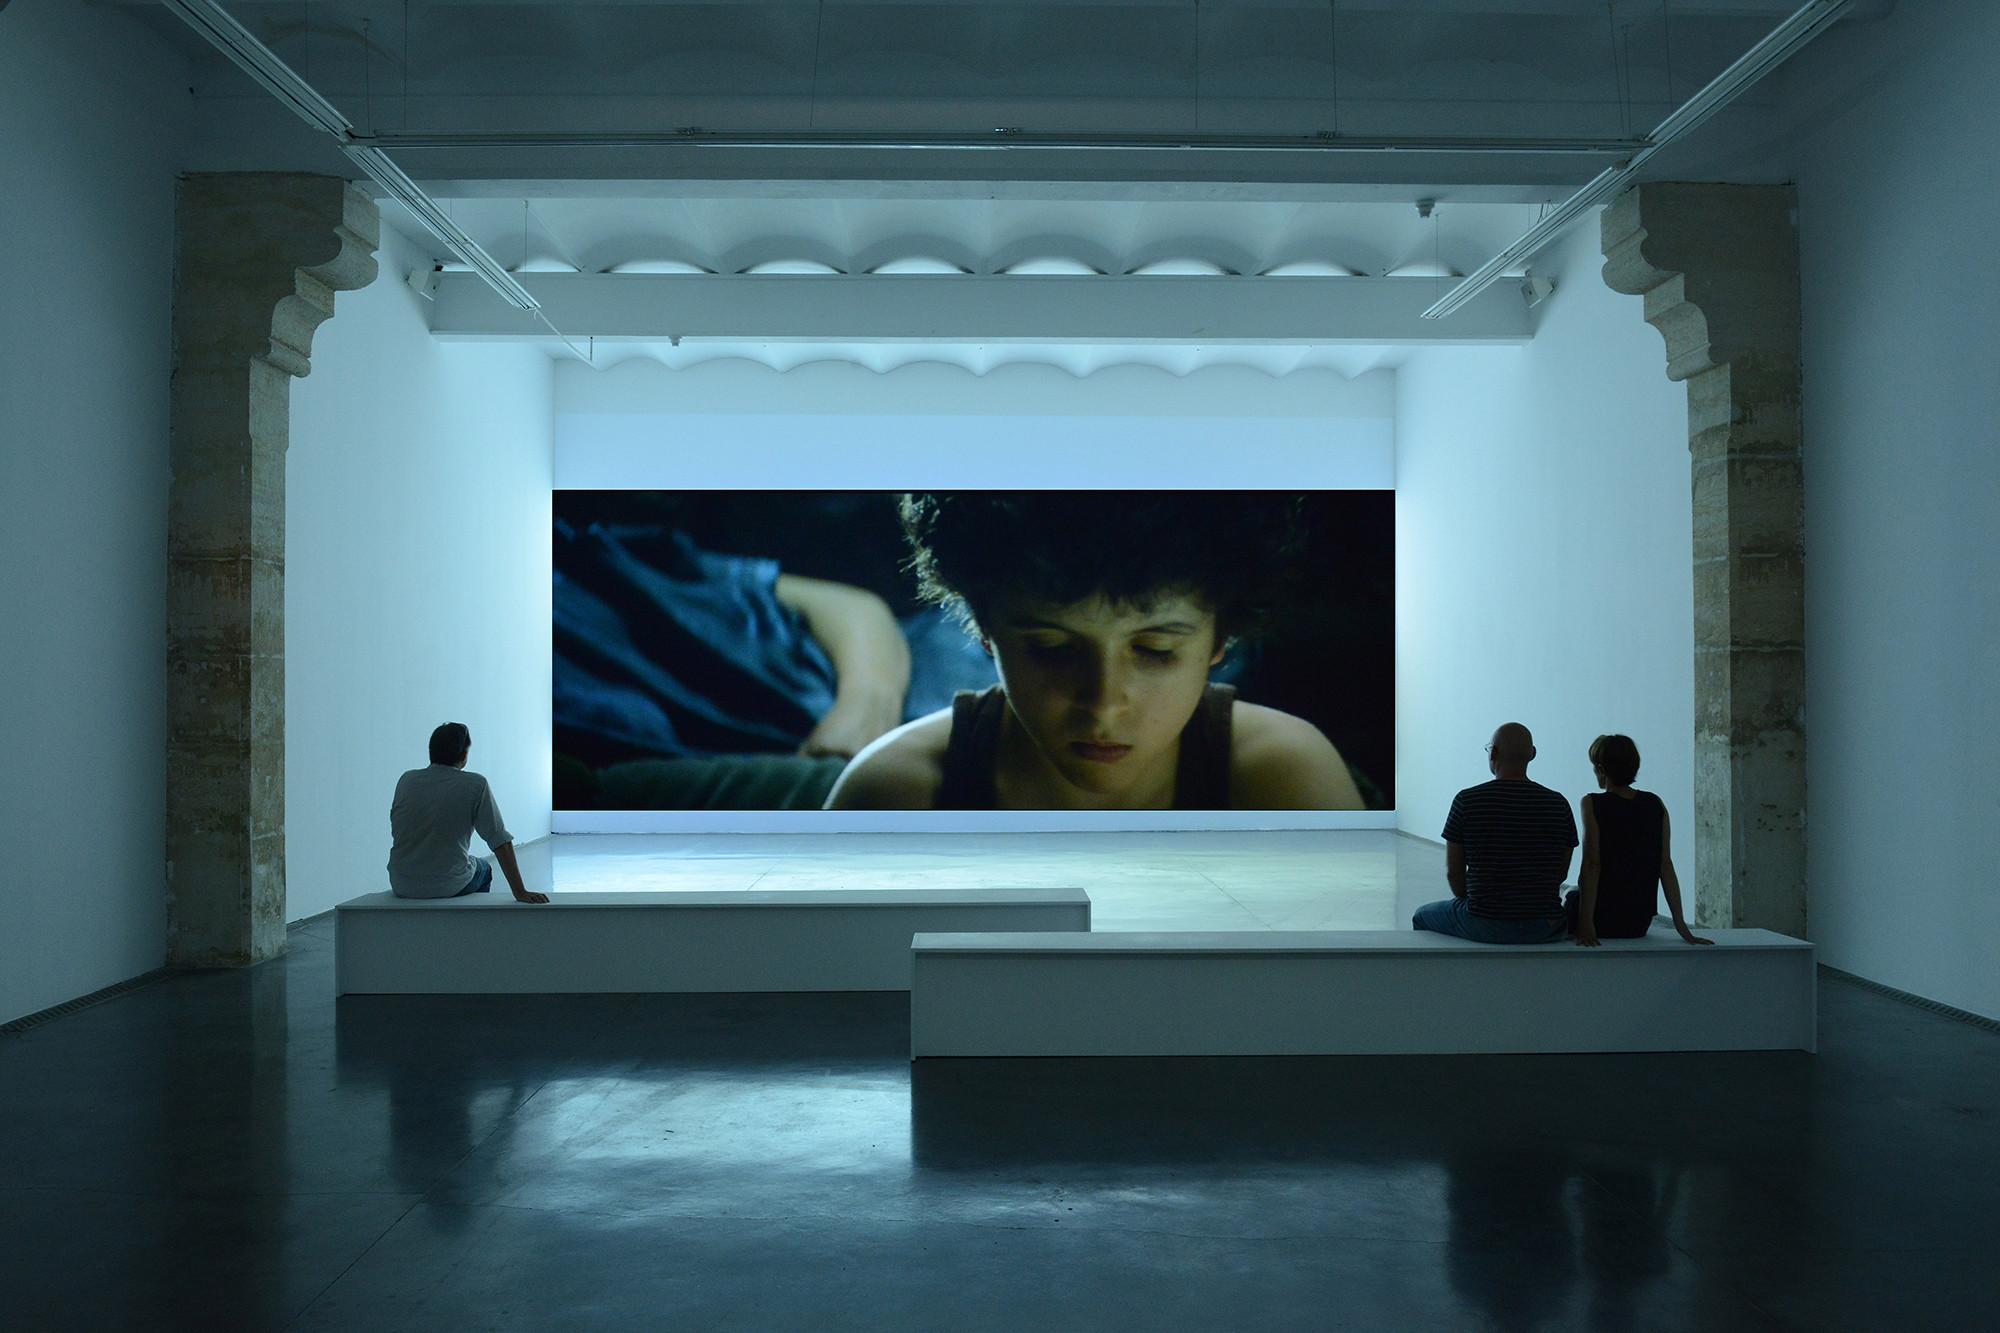 « Maïder Fortuné - Carrousel », vue de l'exposition au Frac Languedoc-Roussillon, Montpellier, 11/07 – 19/09/2015. Carrousel, 2010, vidéo, 12 min. Collection Frac Languedoc-Roussillon. Photo Pierre Schwartz